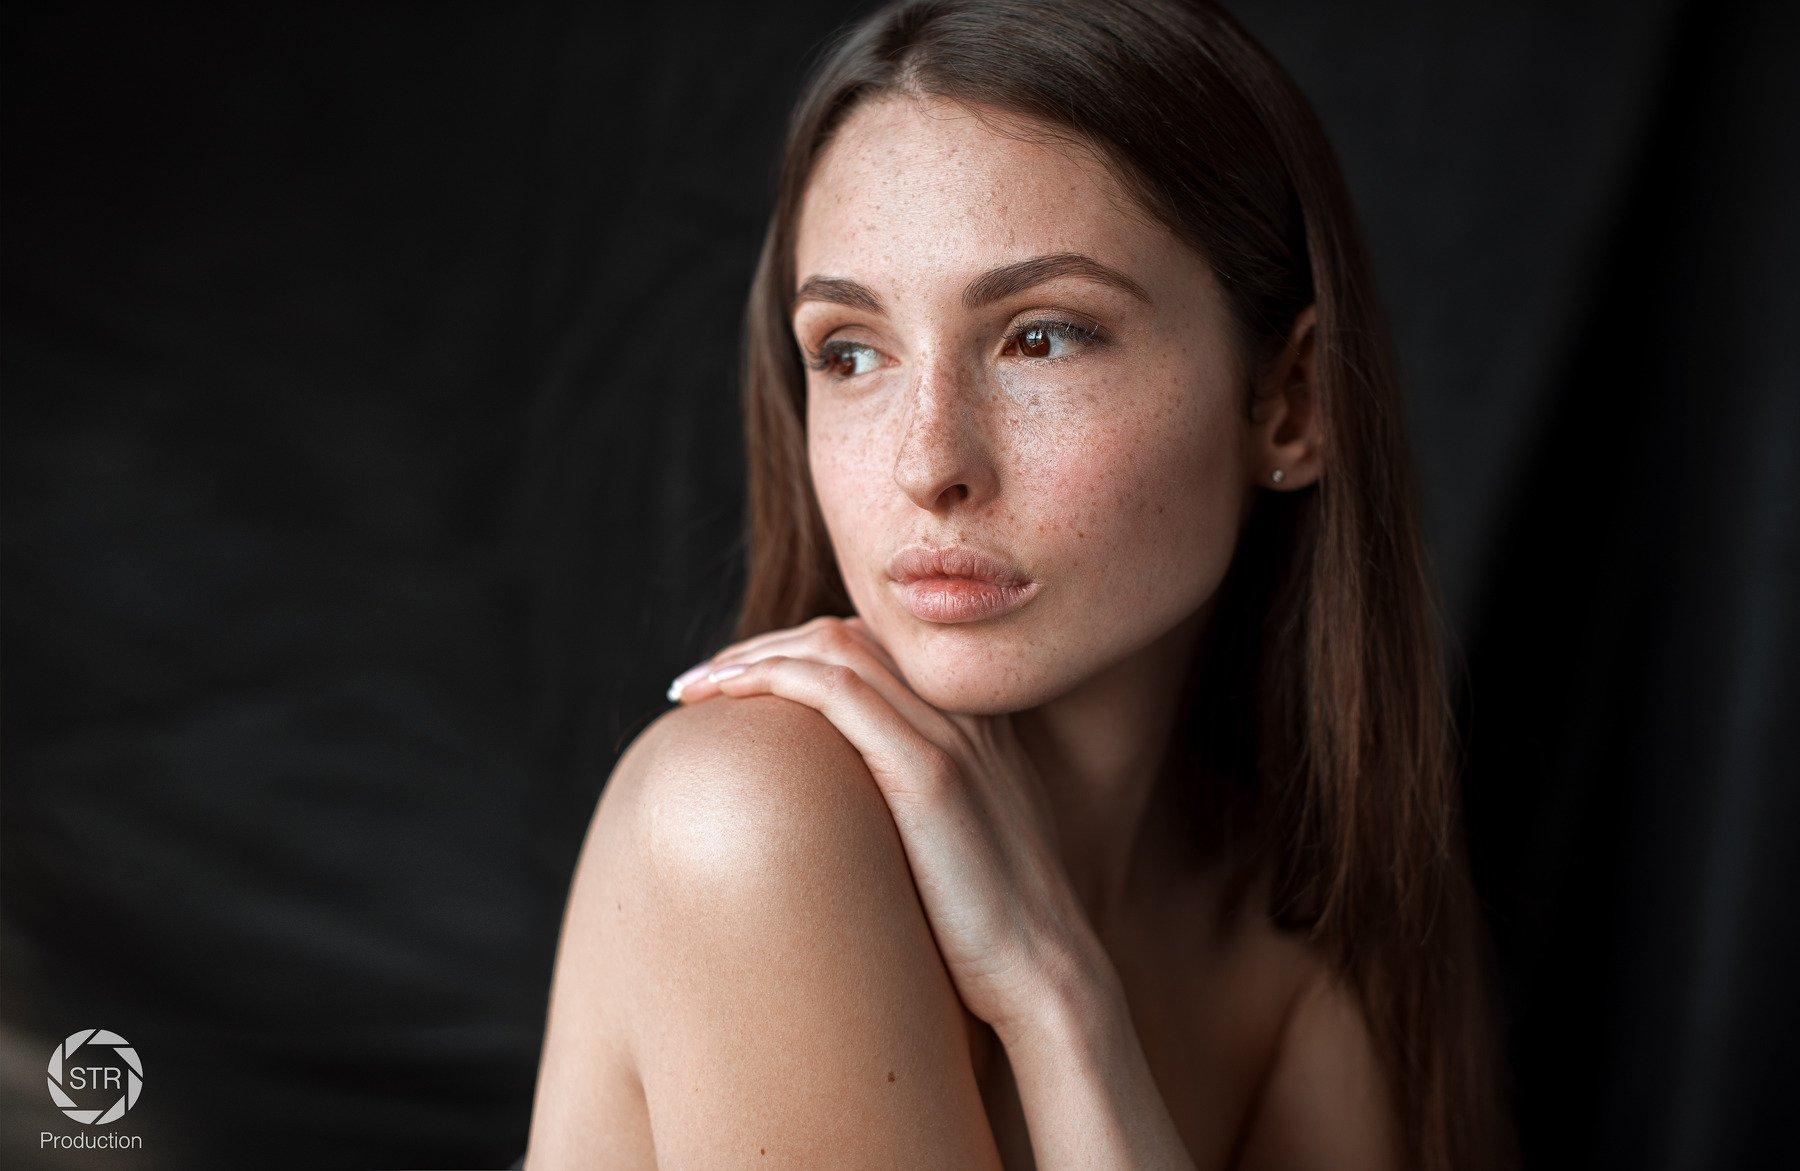 #woman #portrait #str, Стародубец Миша